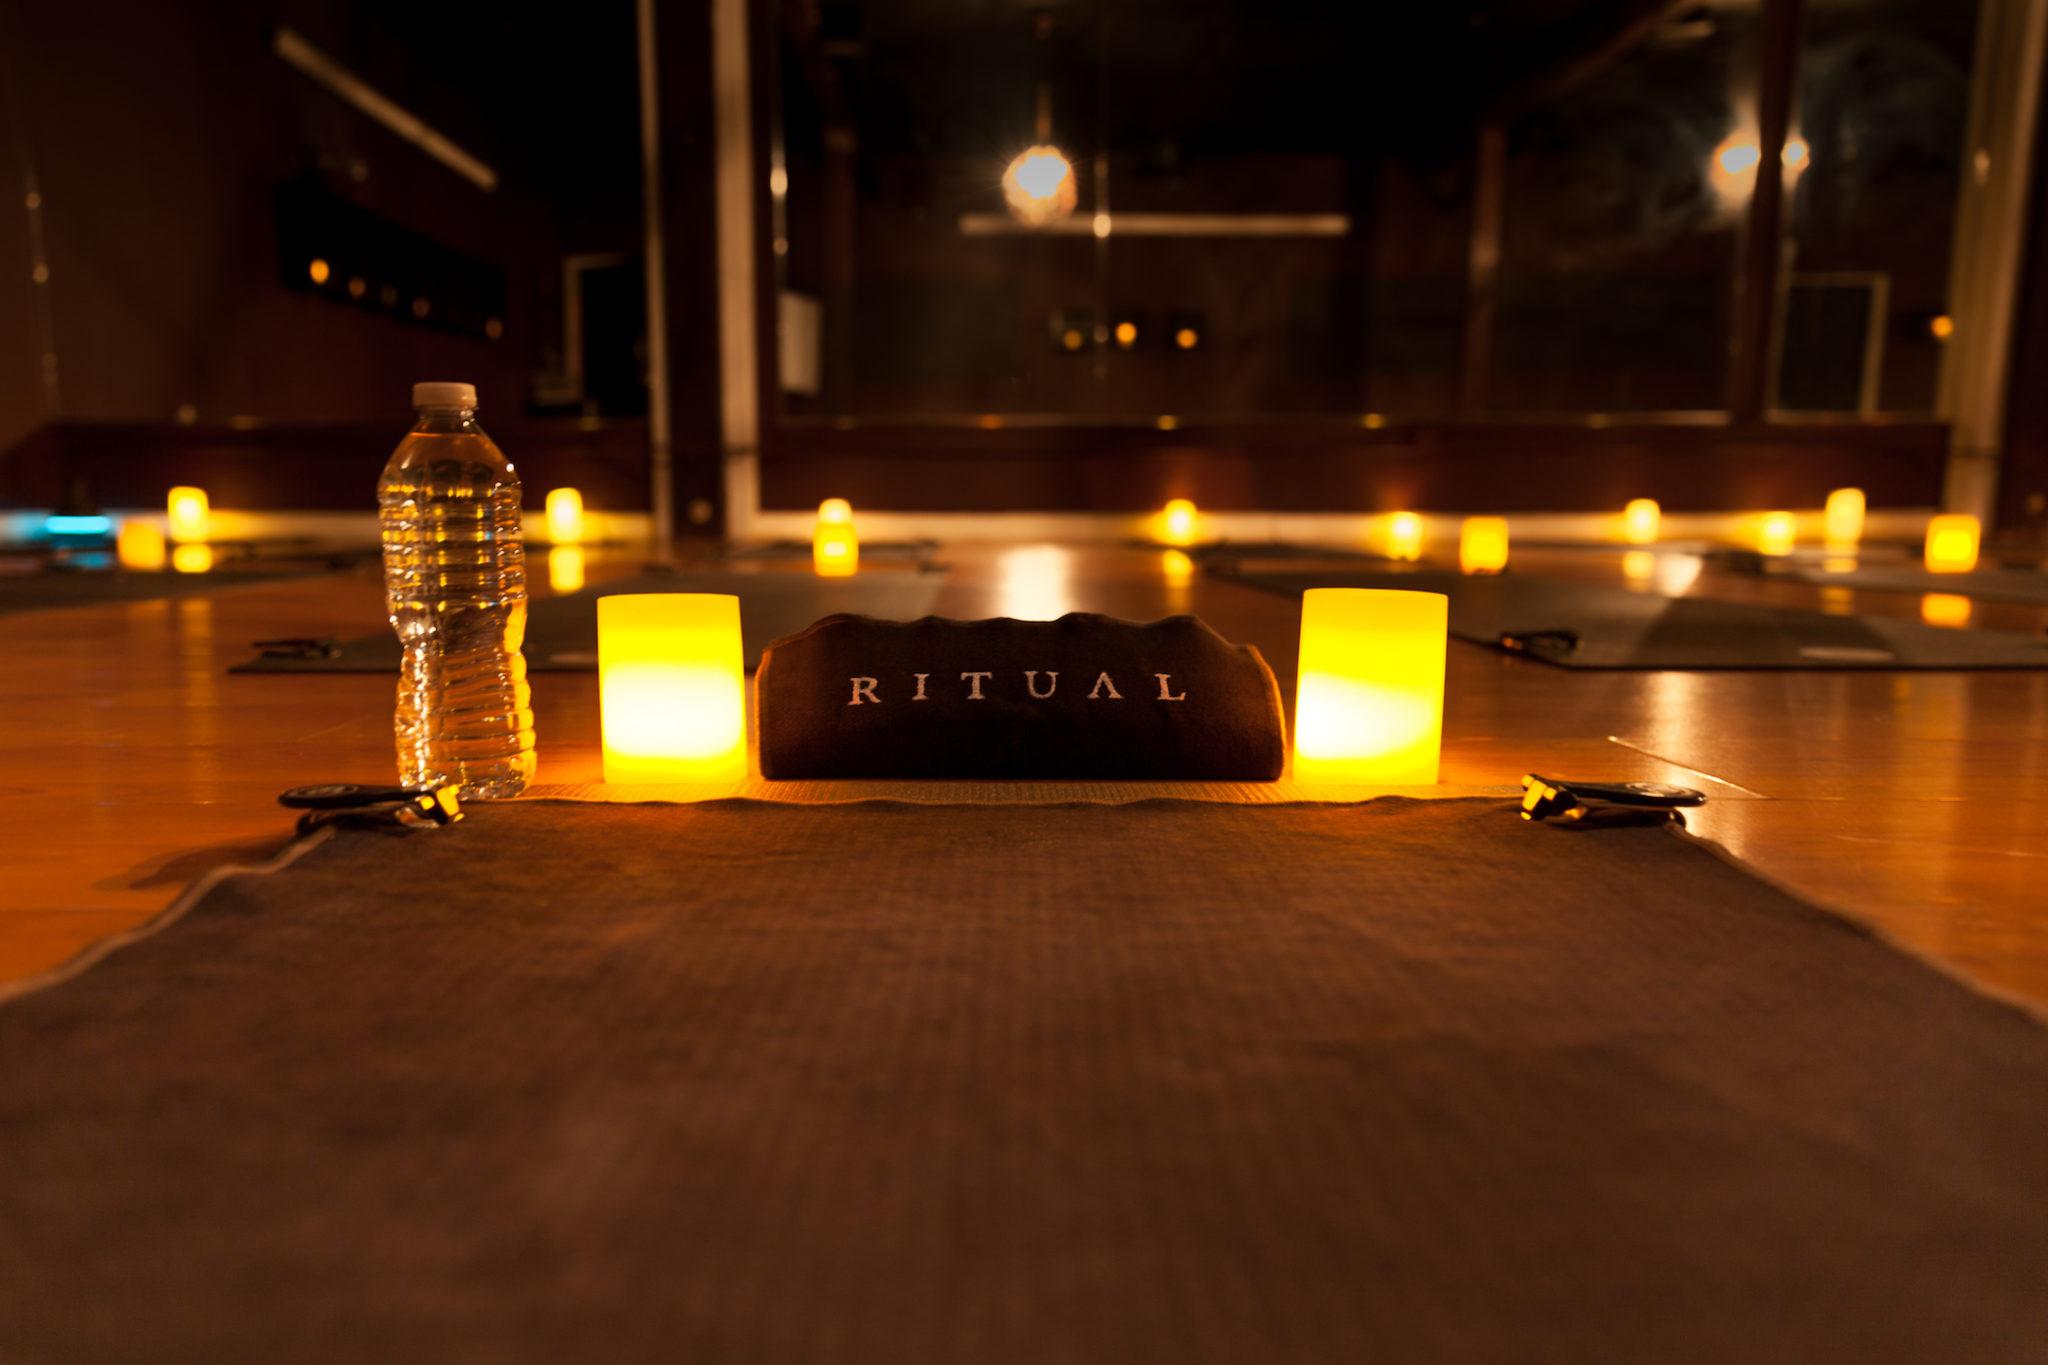 ritual hot yoga